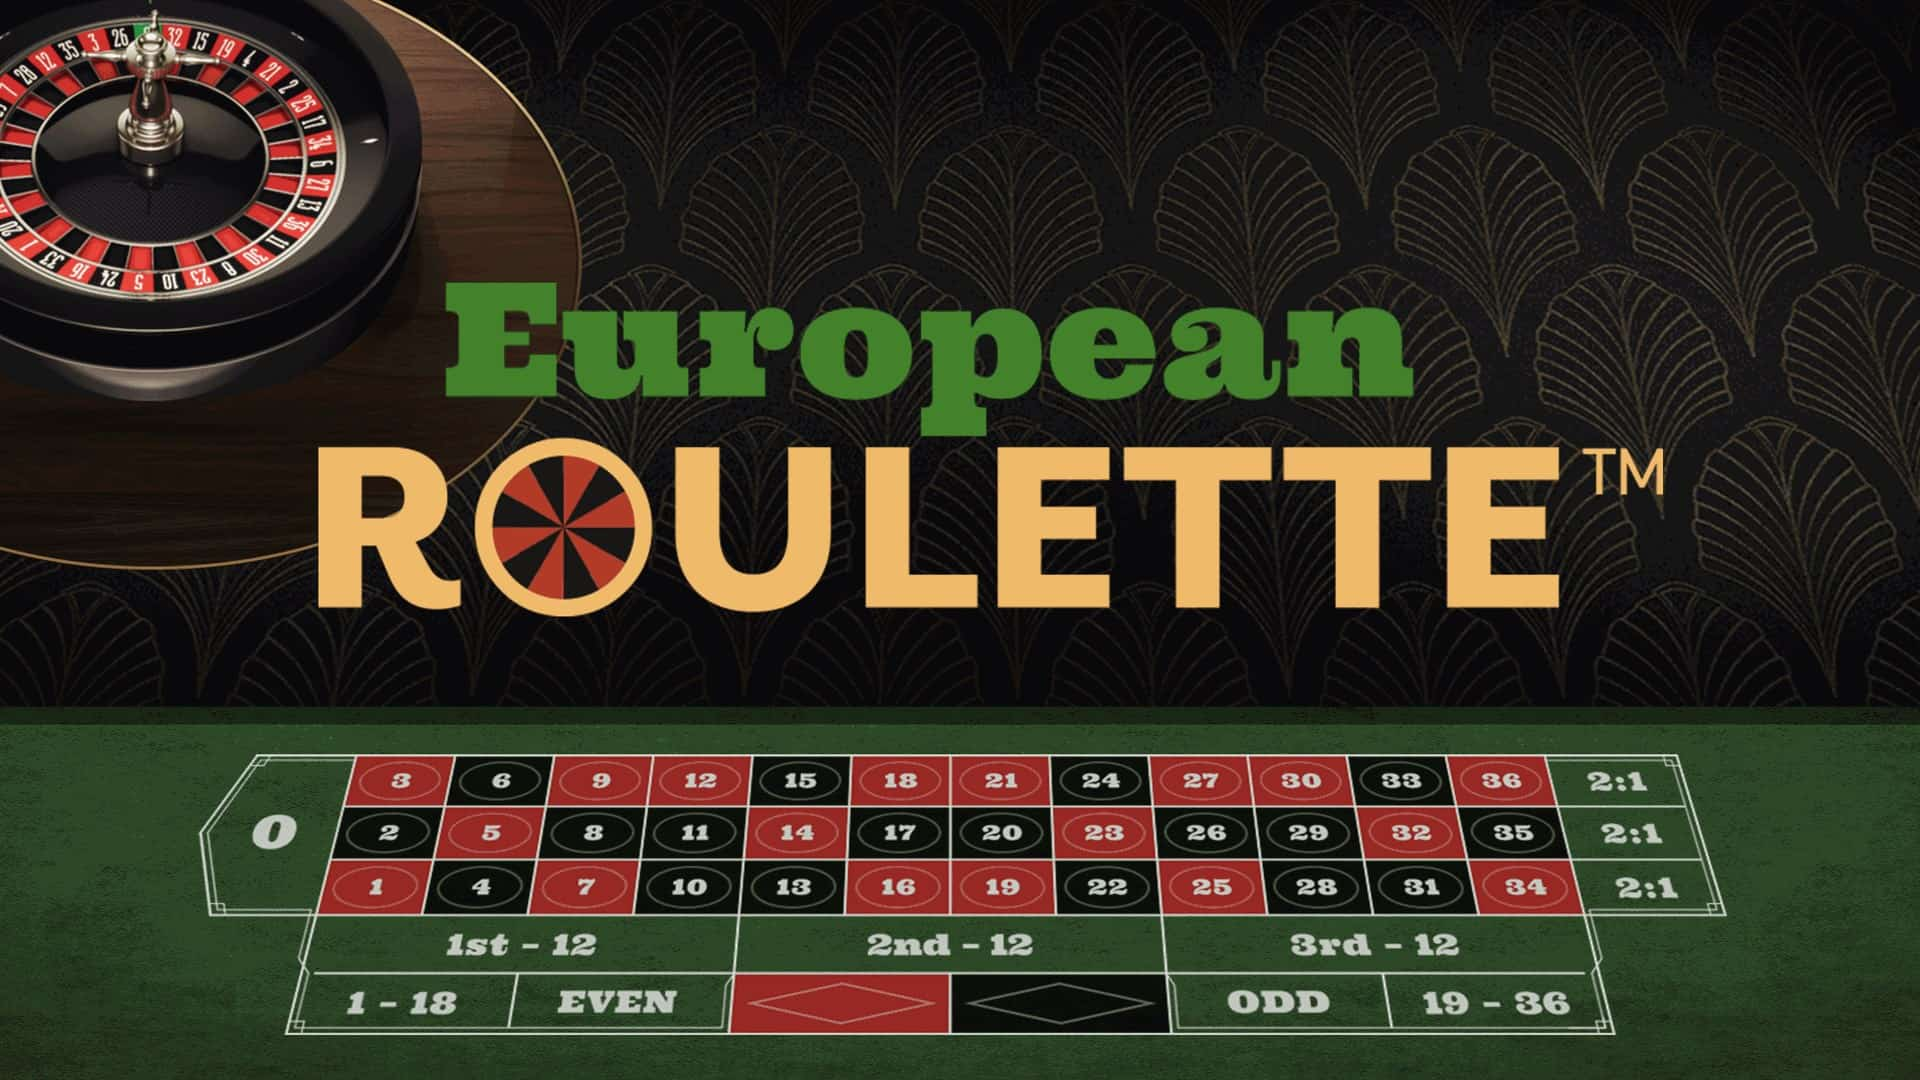 Hệ thống các cao thủ hay sử dụng: D'alembert trong game bài Roulette